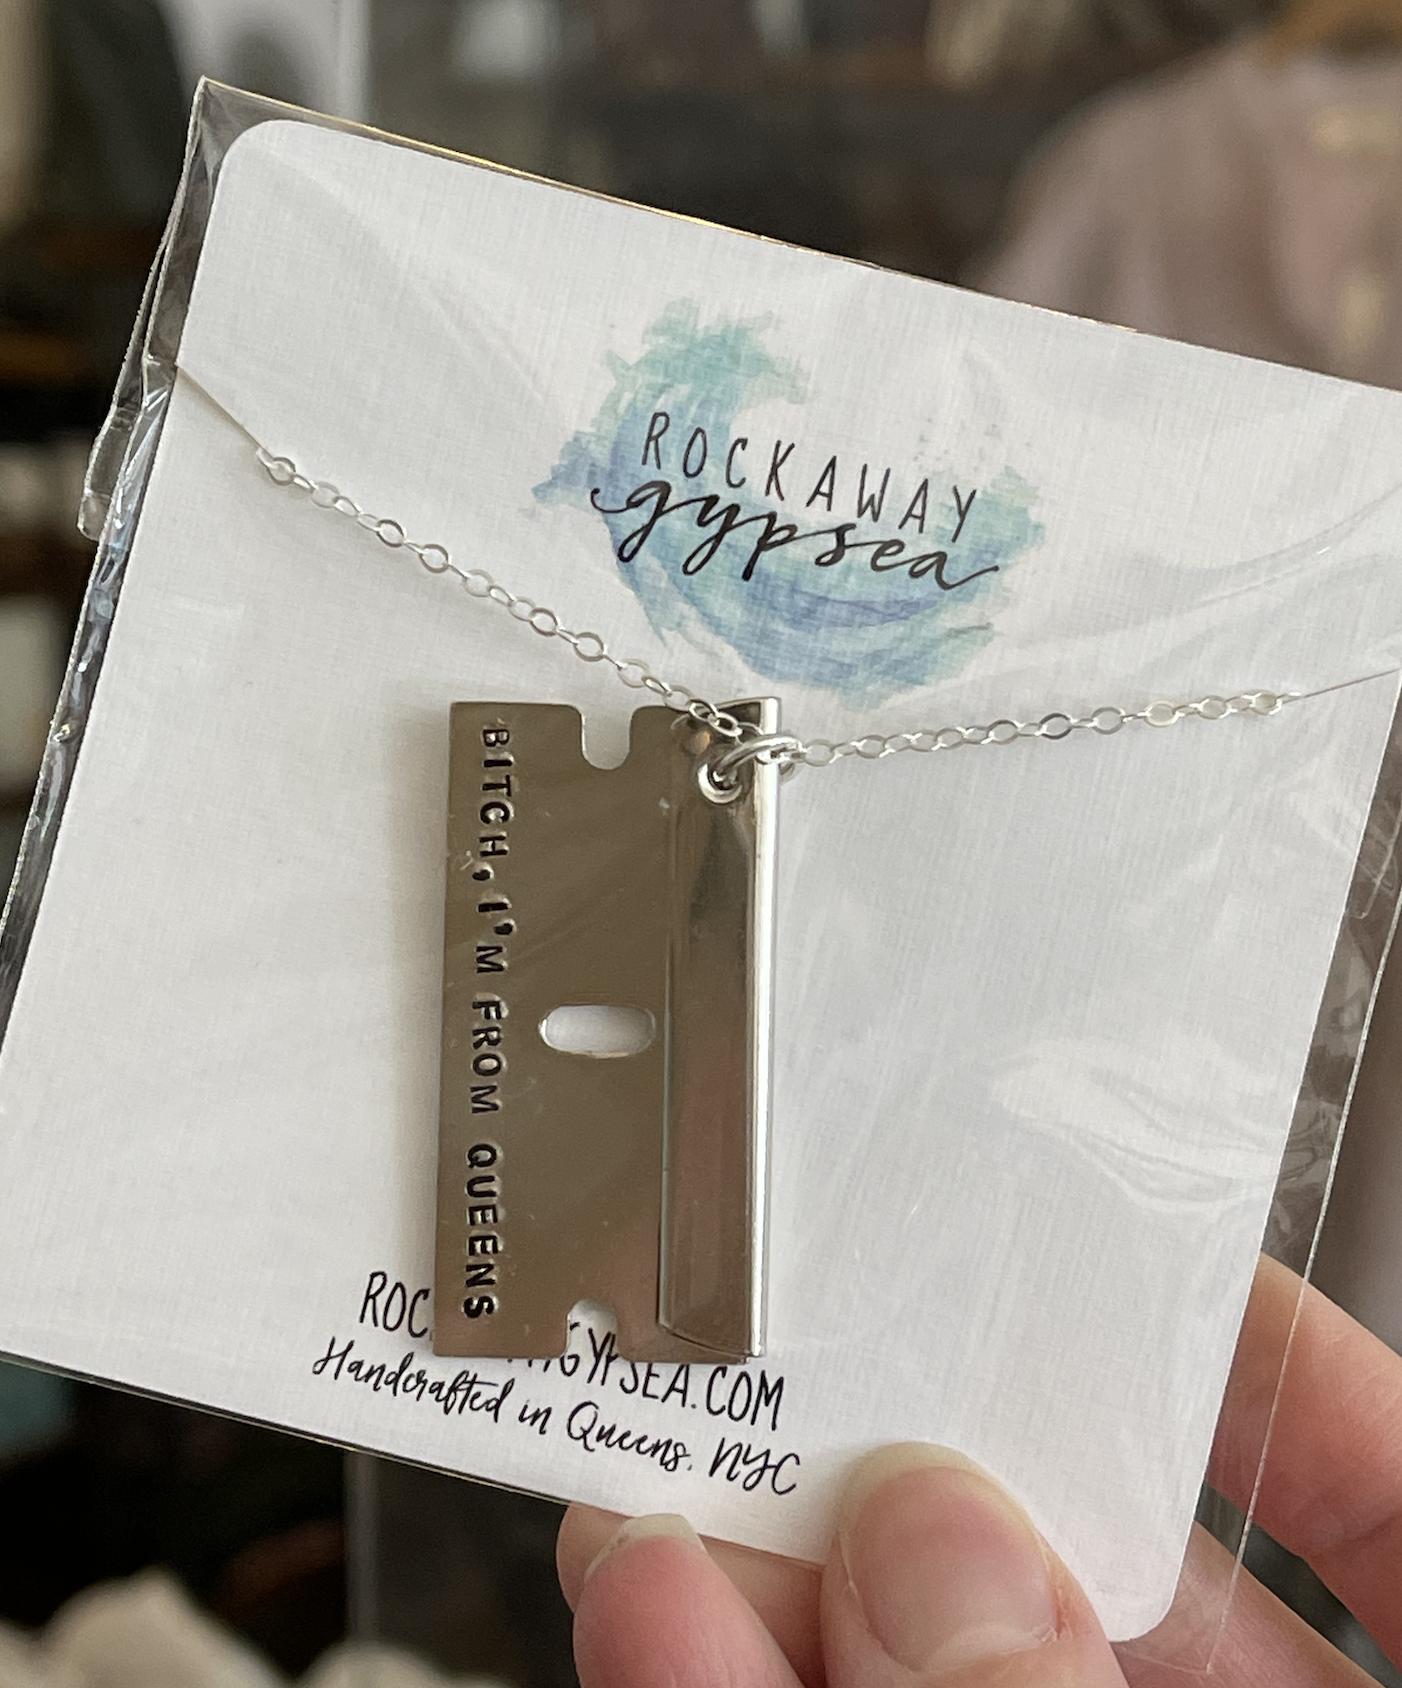 Rockaway Gypsea Queens Razor Necklace-Silver